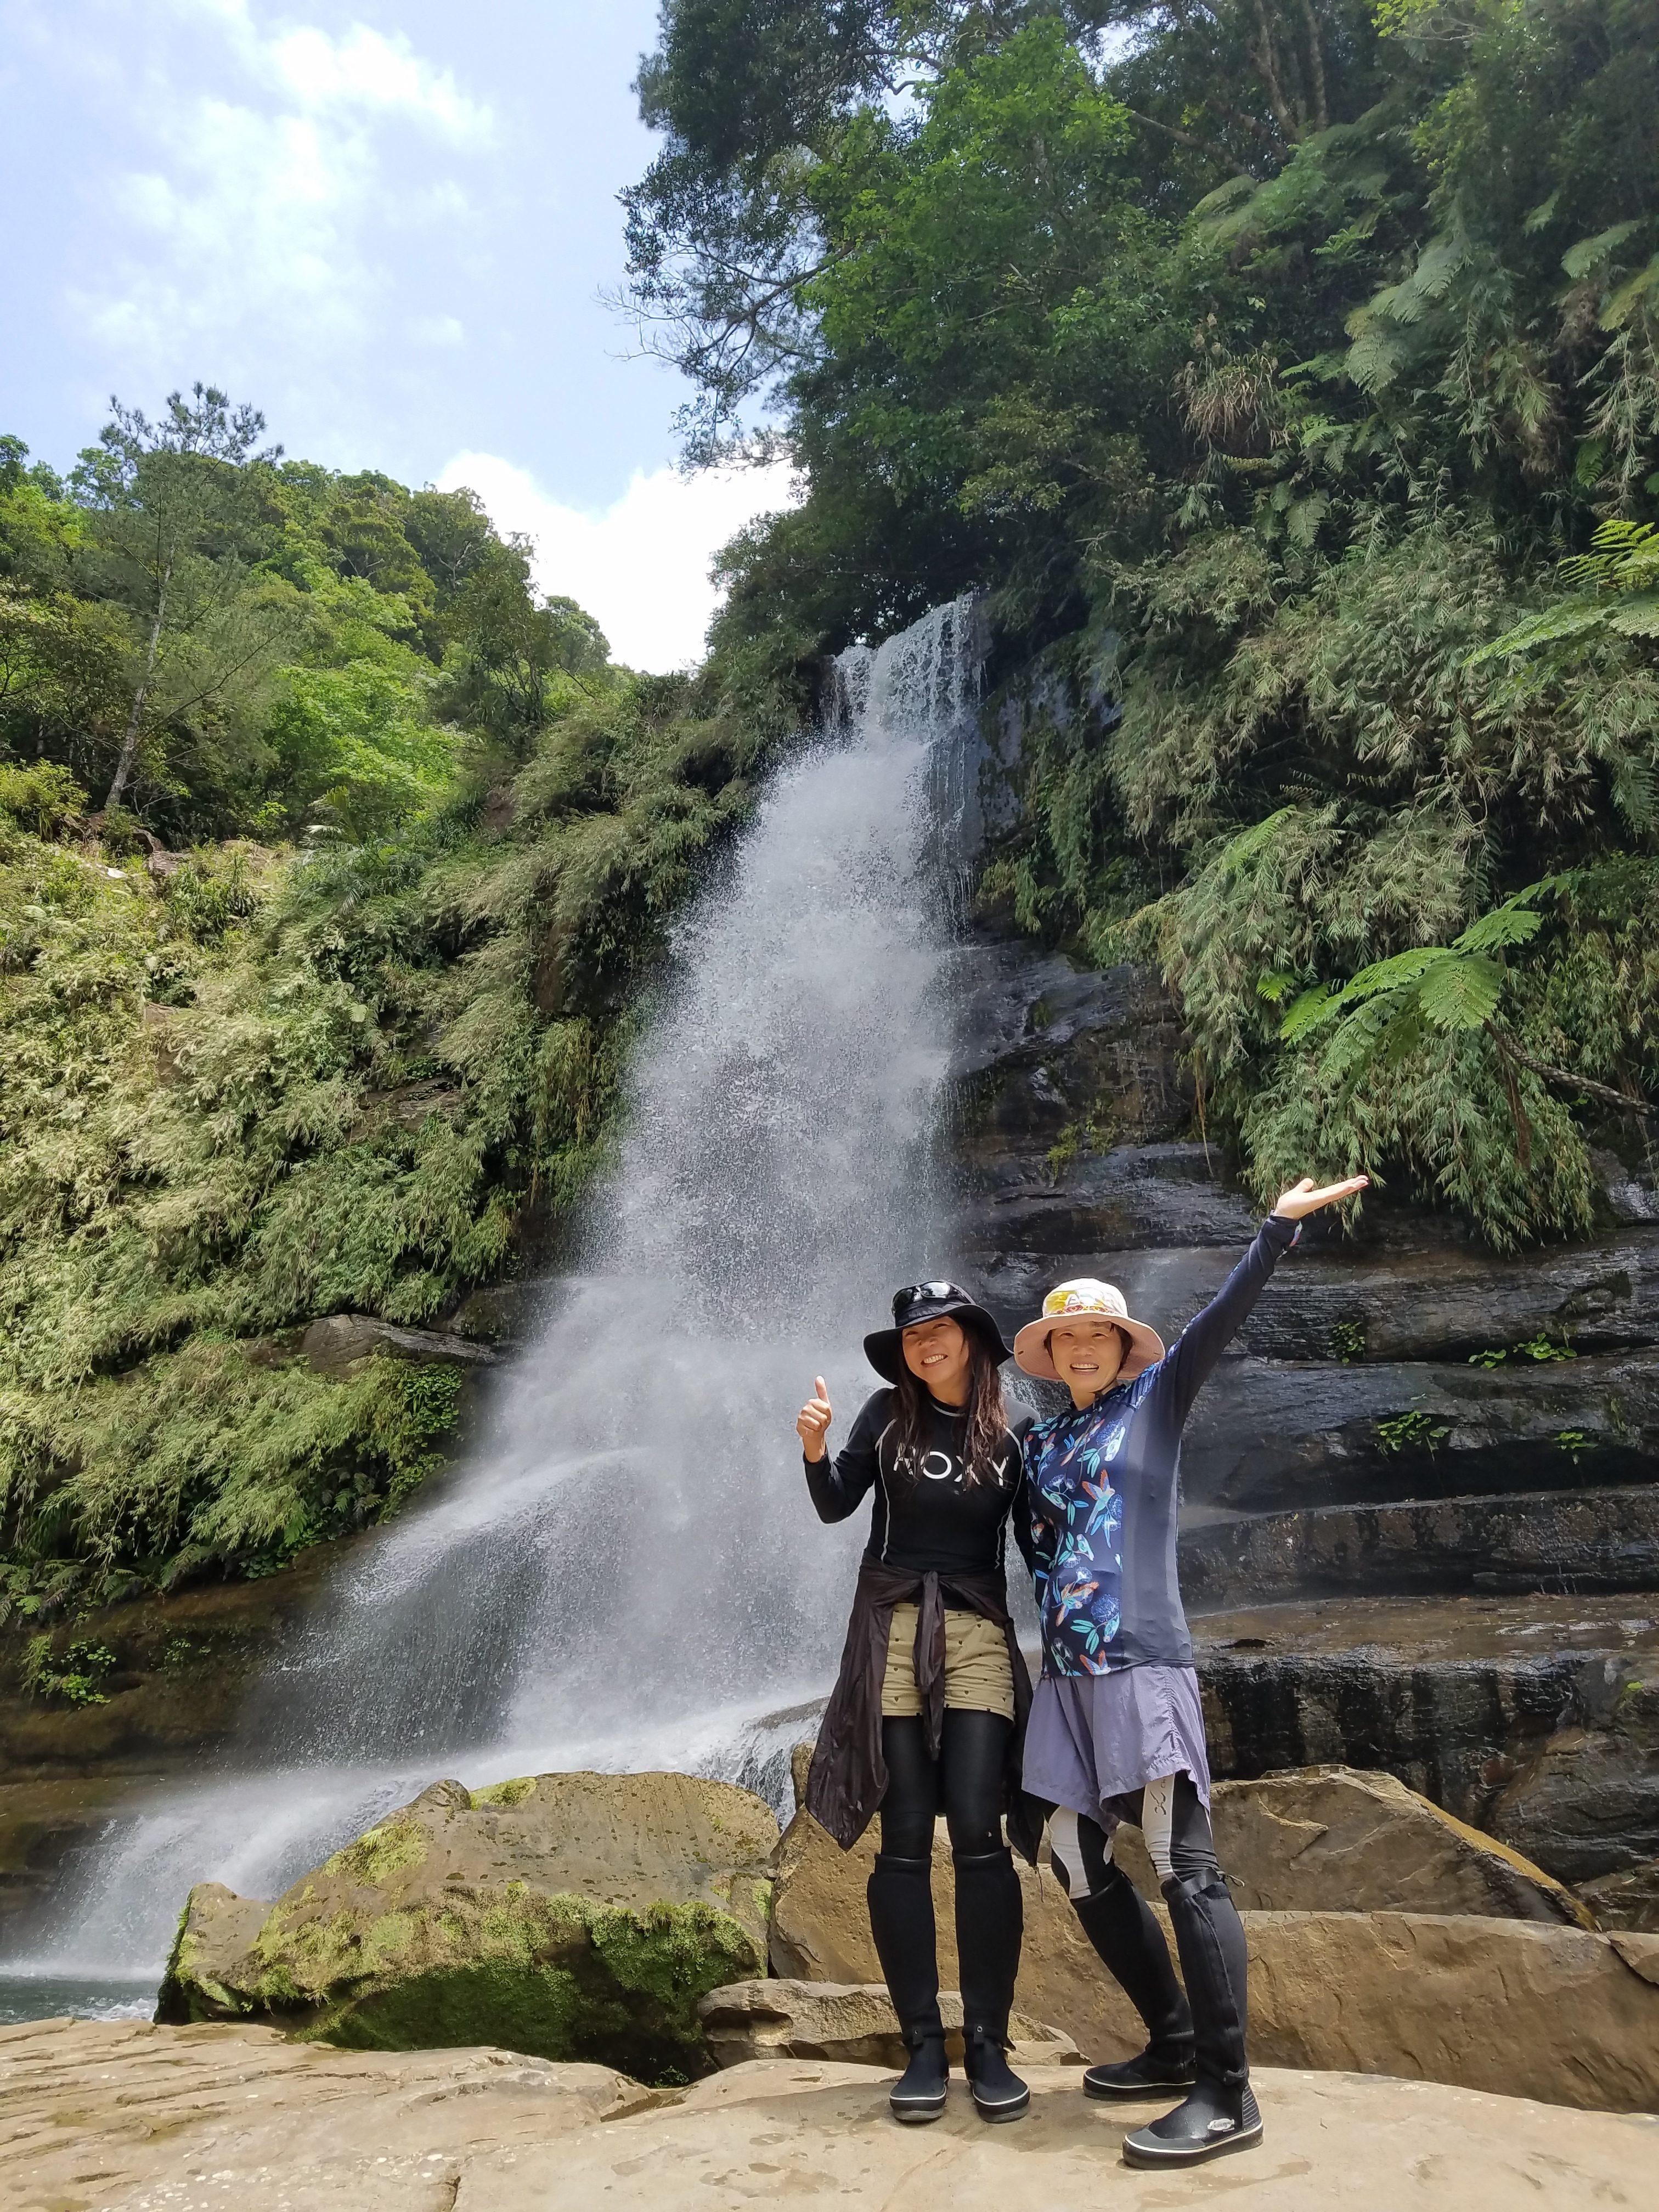 ナーラの滝カヤック&トレッキングツアー